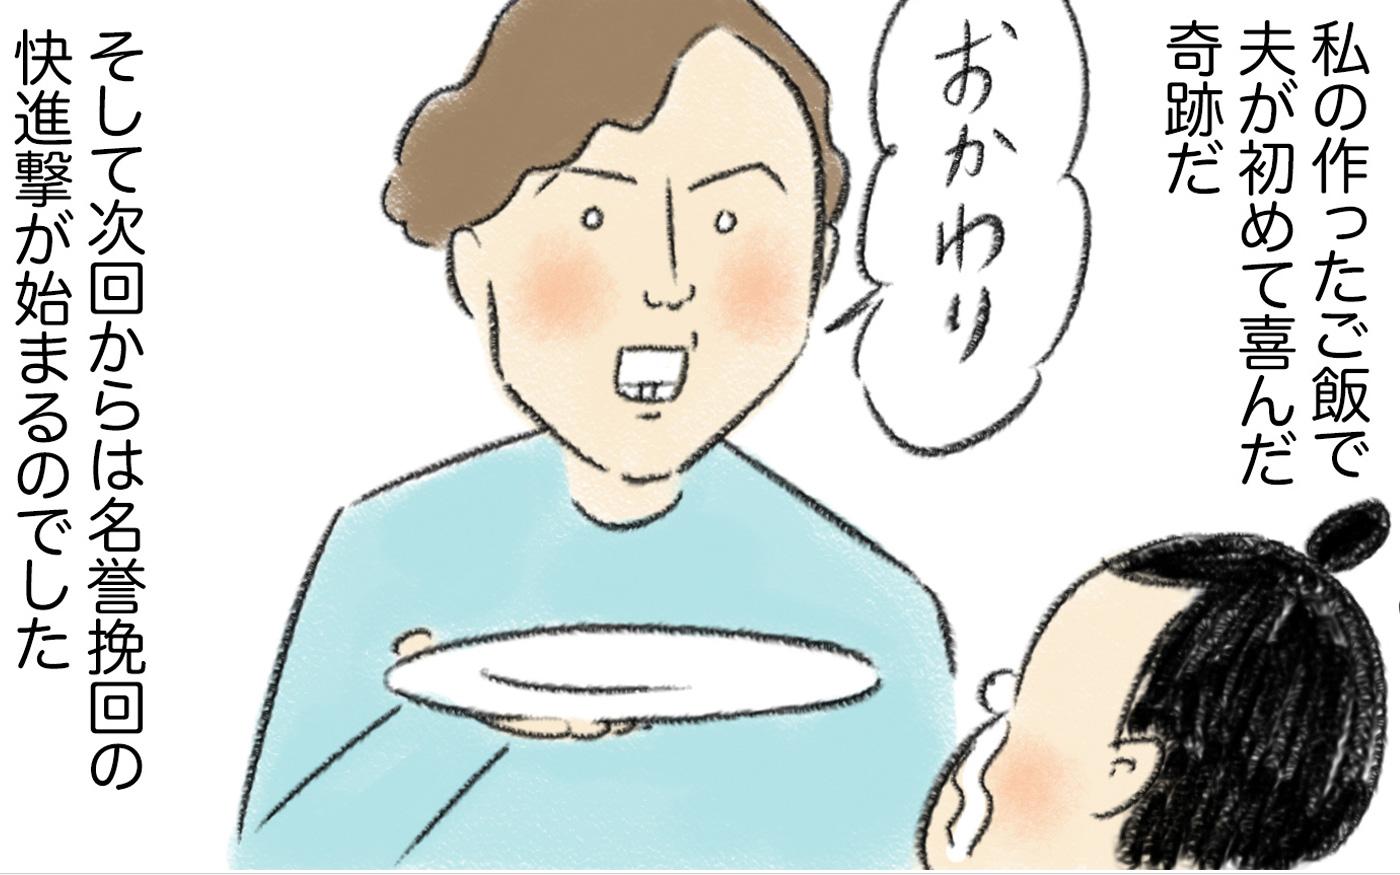 ついに夫がおかわりする日本食メニューが登場! 疲弊していた妻に急展開⁉